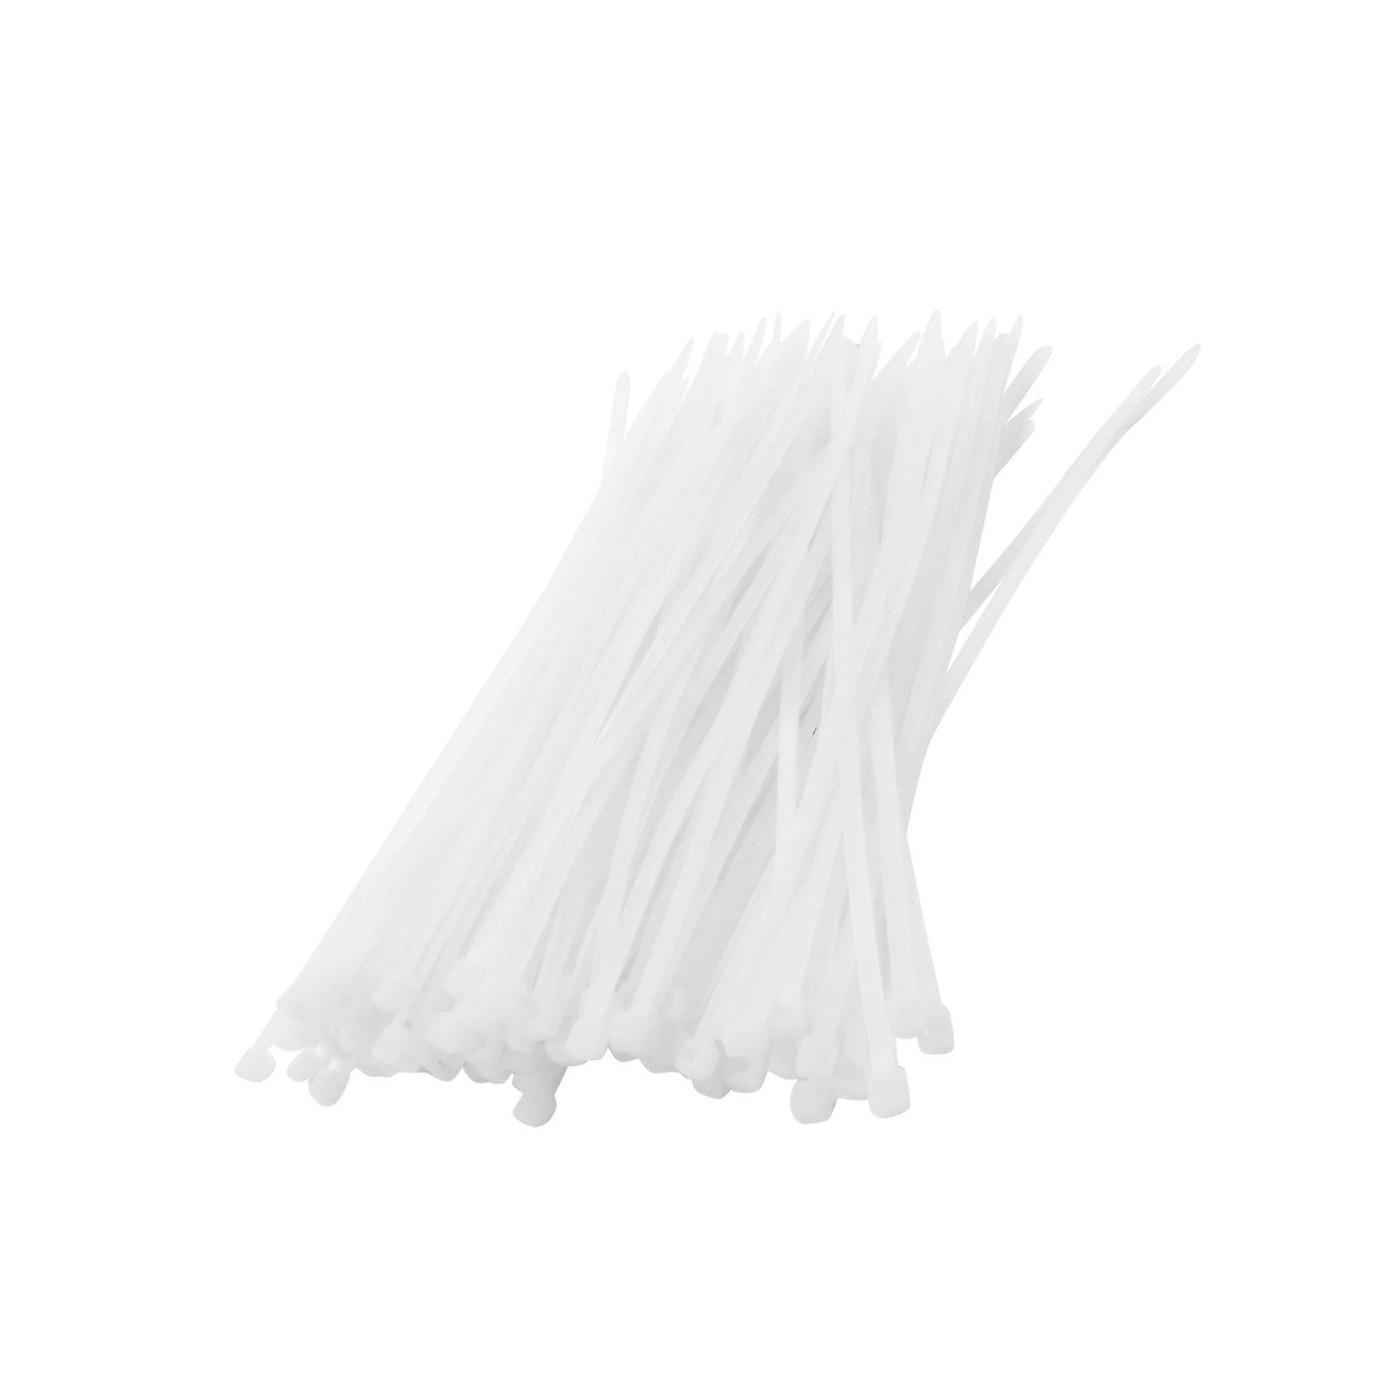 Set van 300 tie wraps (kabelbinders) (wit)  - 1